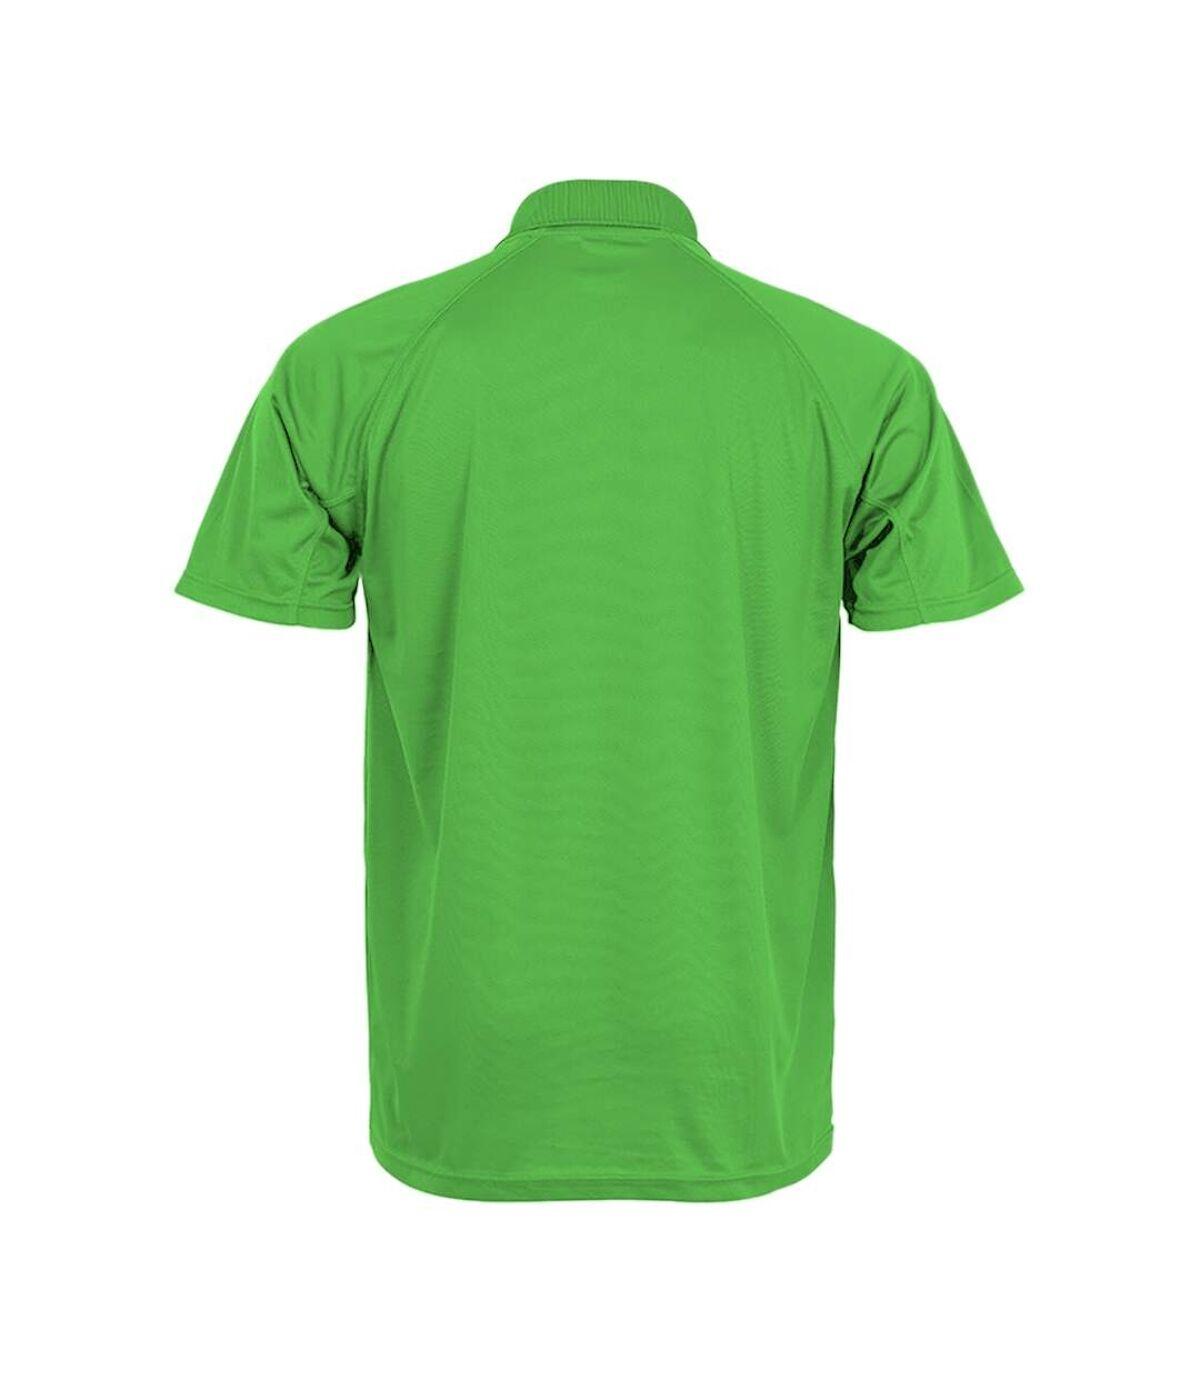 Spiro Impact Mens Performance Aircool Polo T-Shirt (Royal Blue) - UTBC4115